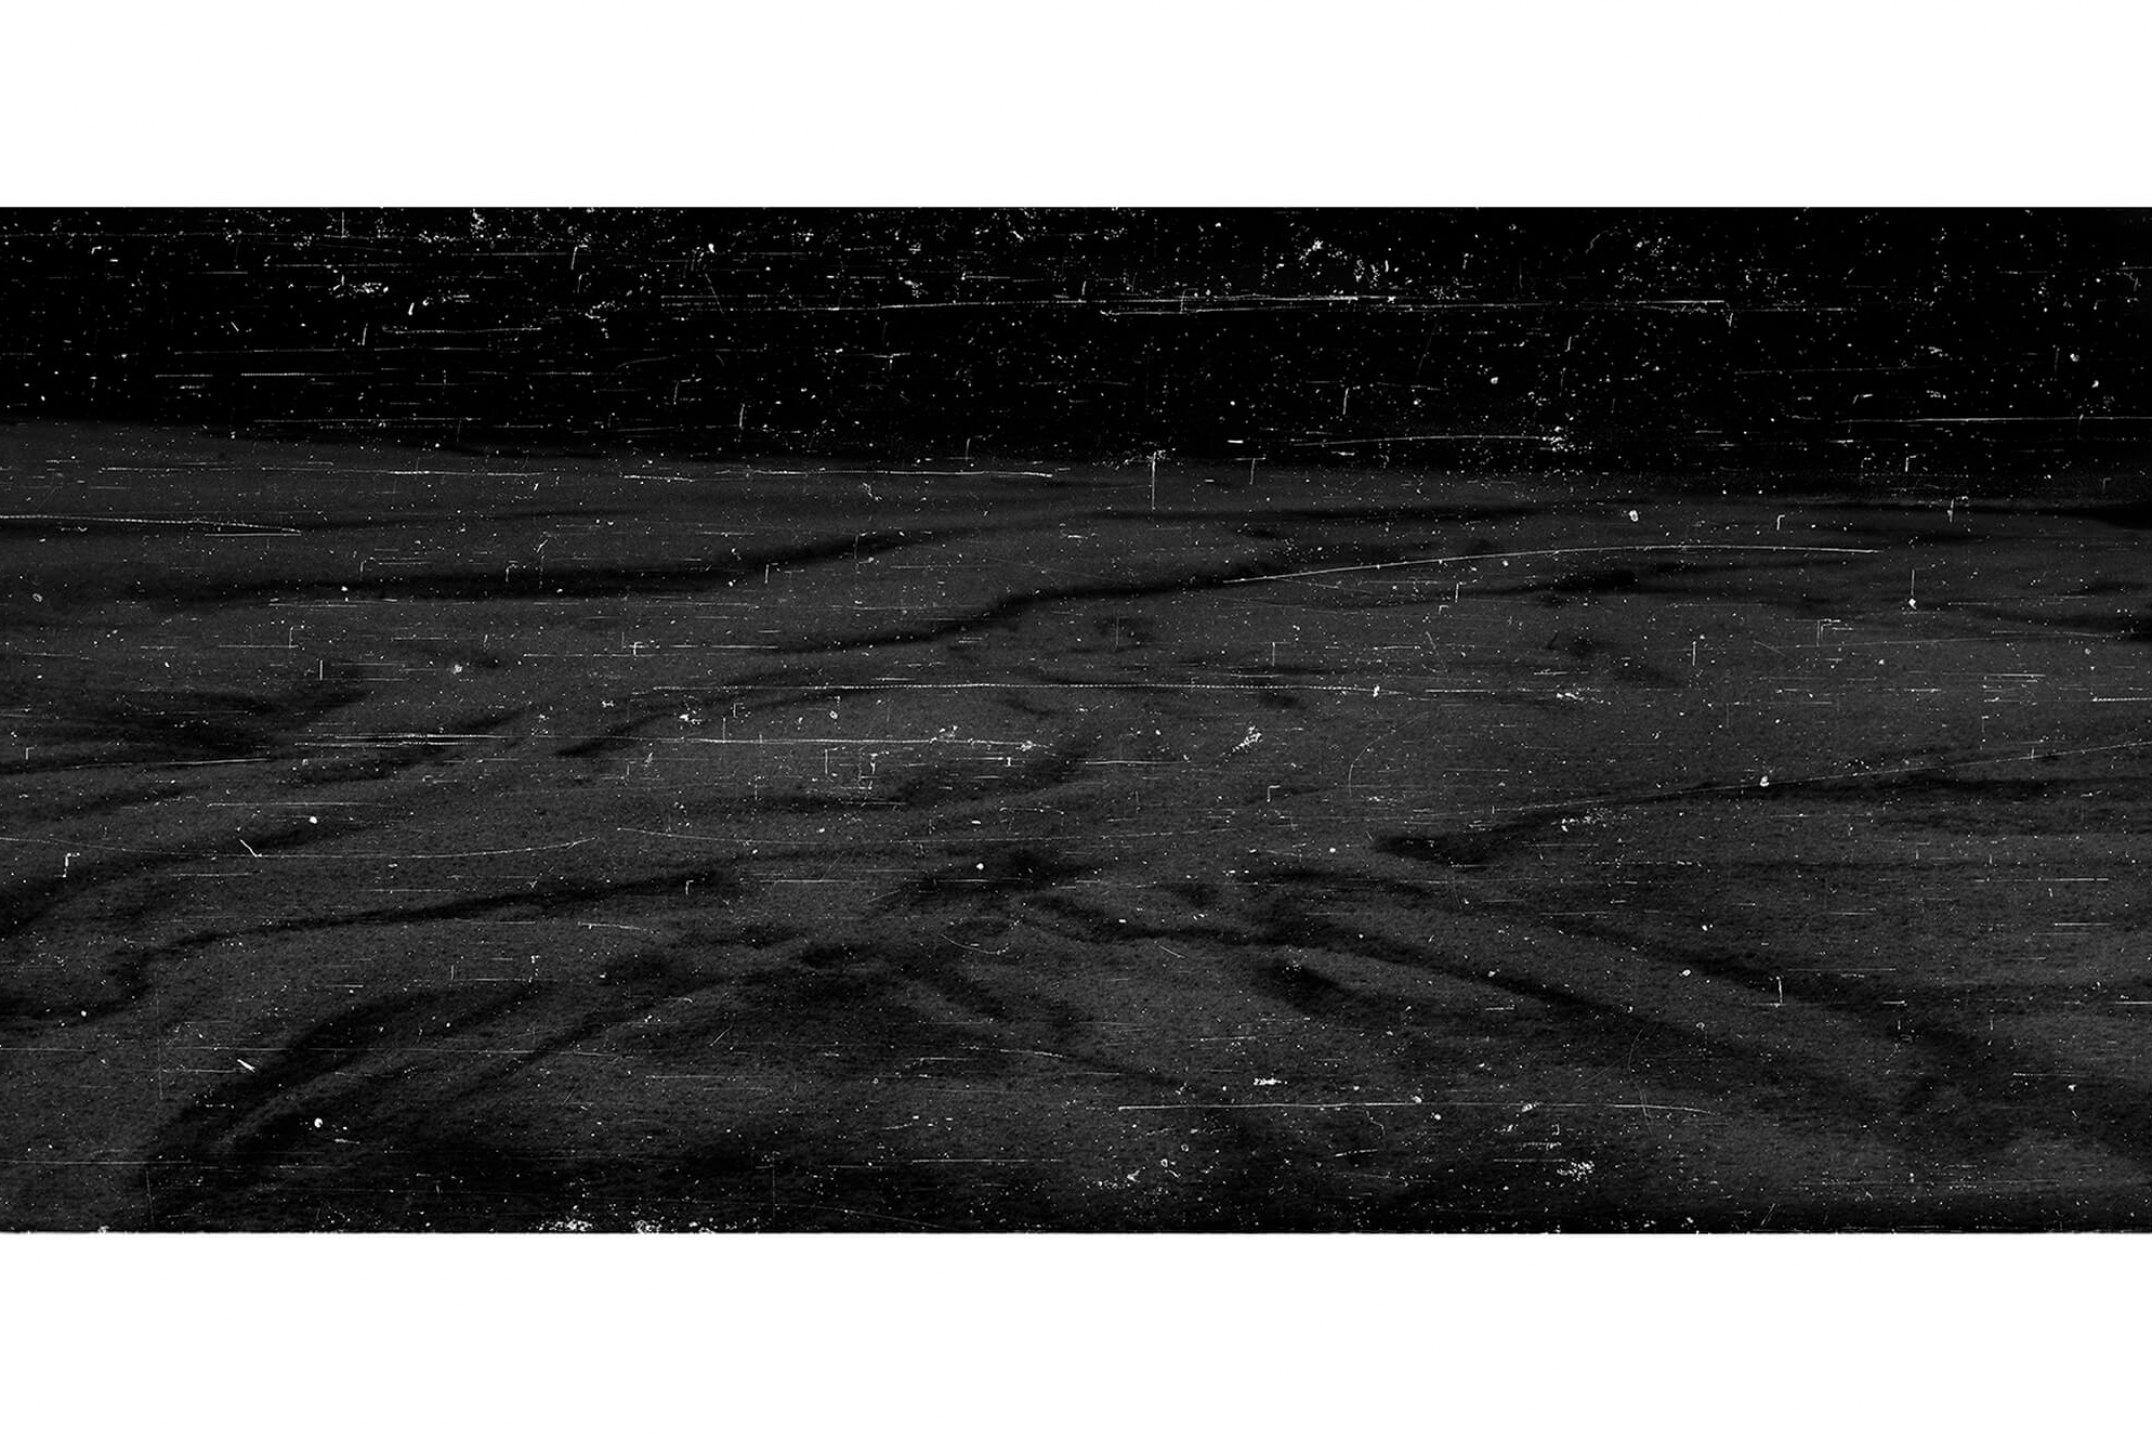 Leticia Ramos<em>, Paisagem  #2</em>, 2014, photography from microfilm, 74 × 200 cm   - Mendes Wood DM